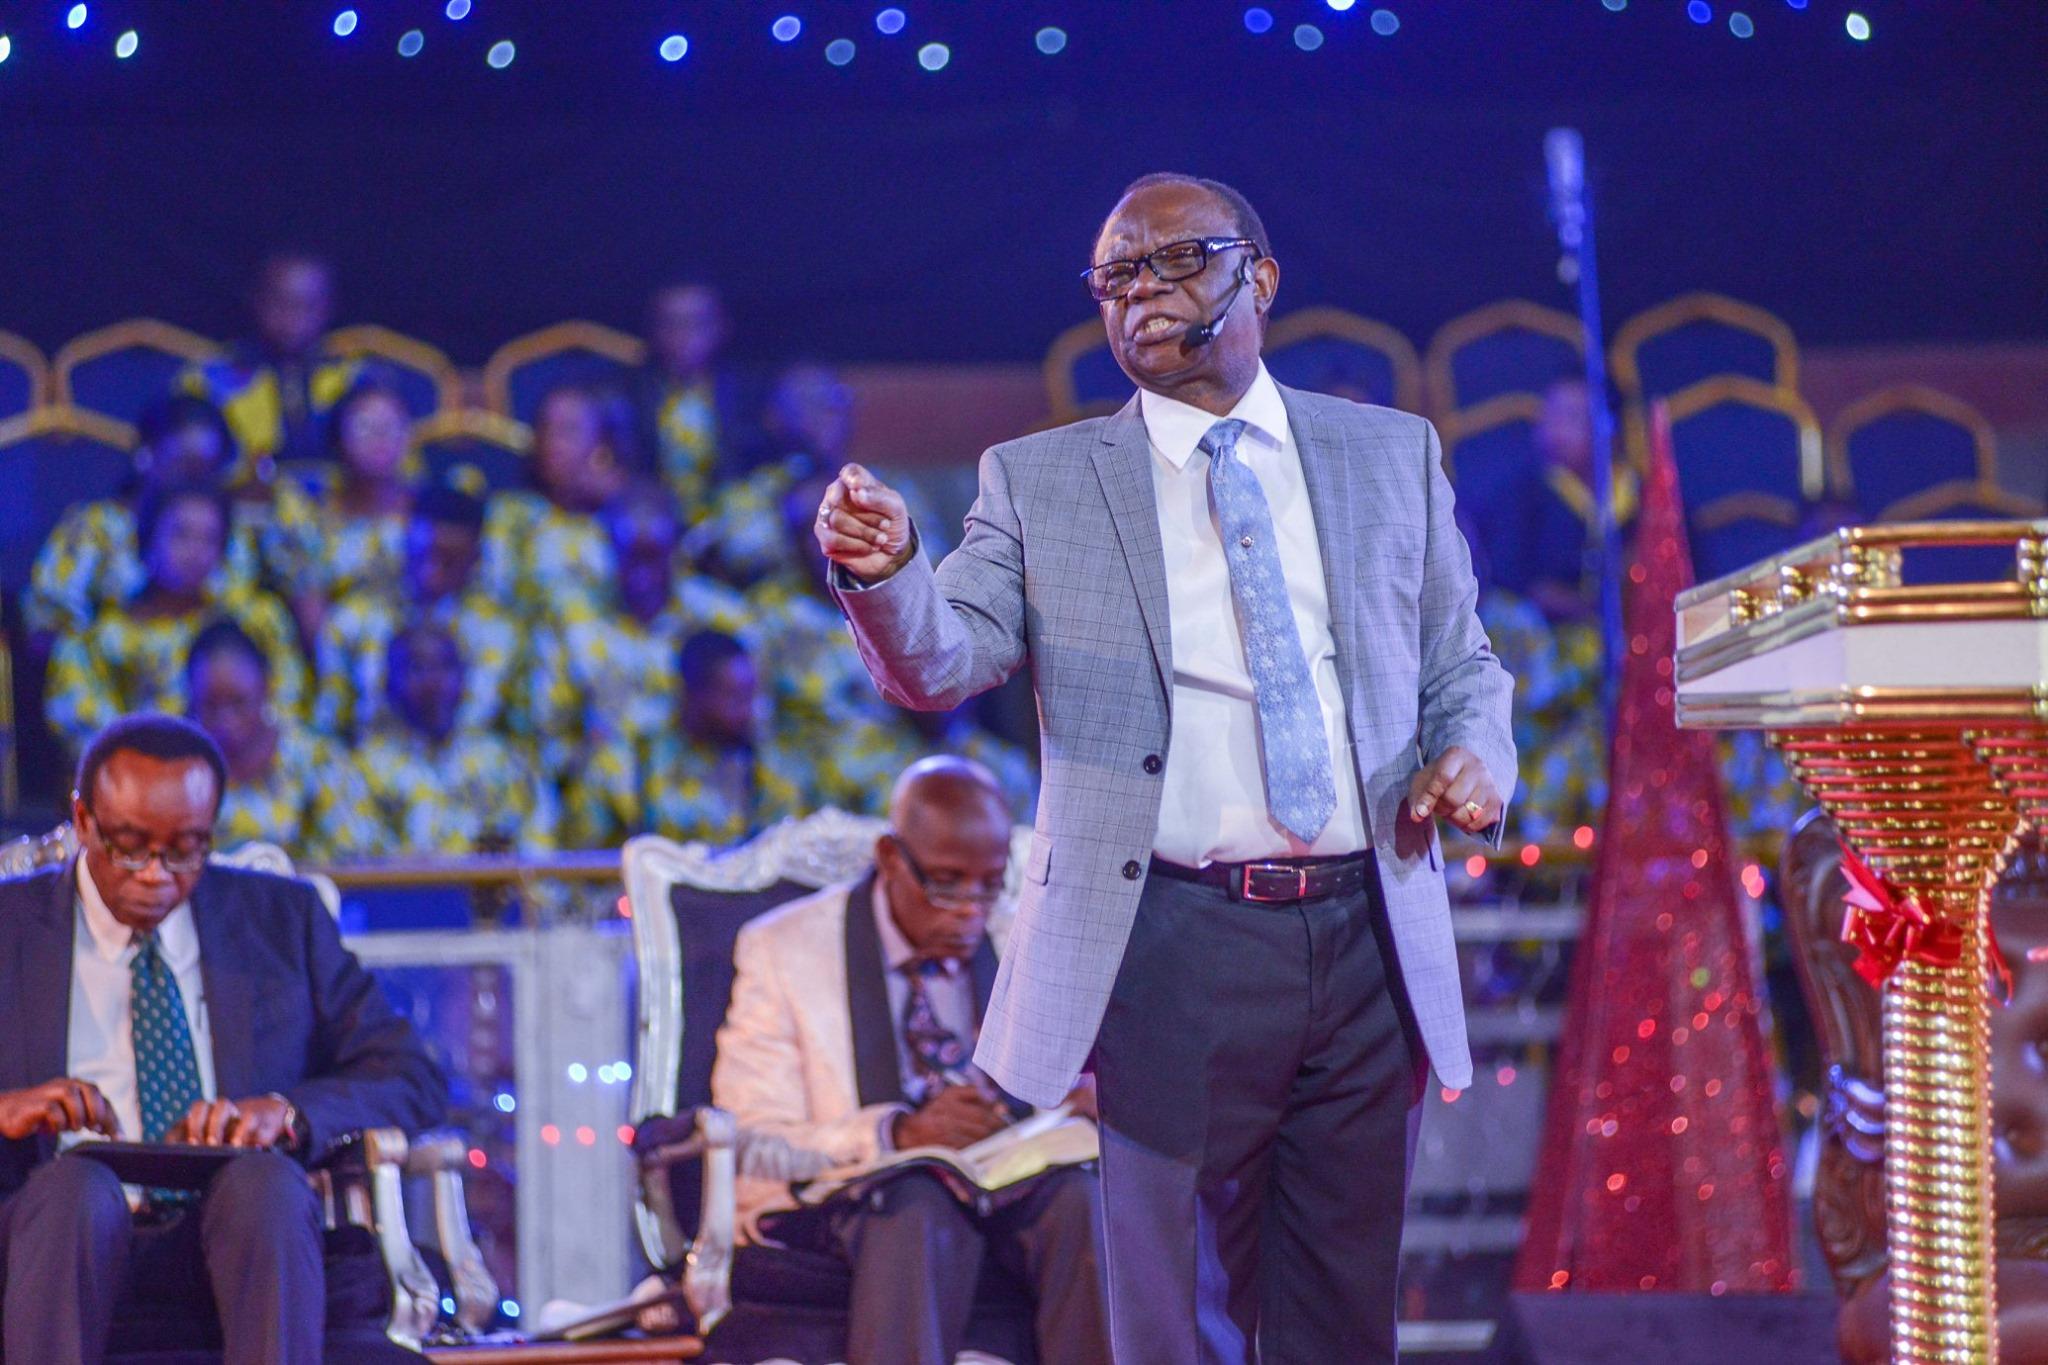 Rev. felix omobude preaching